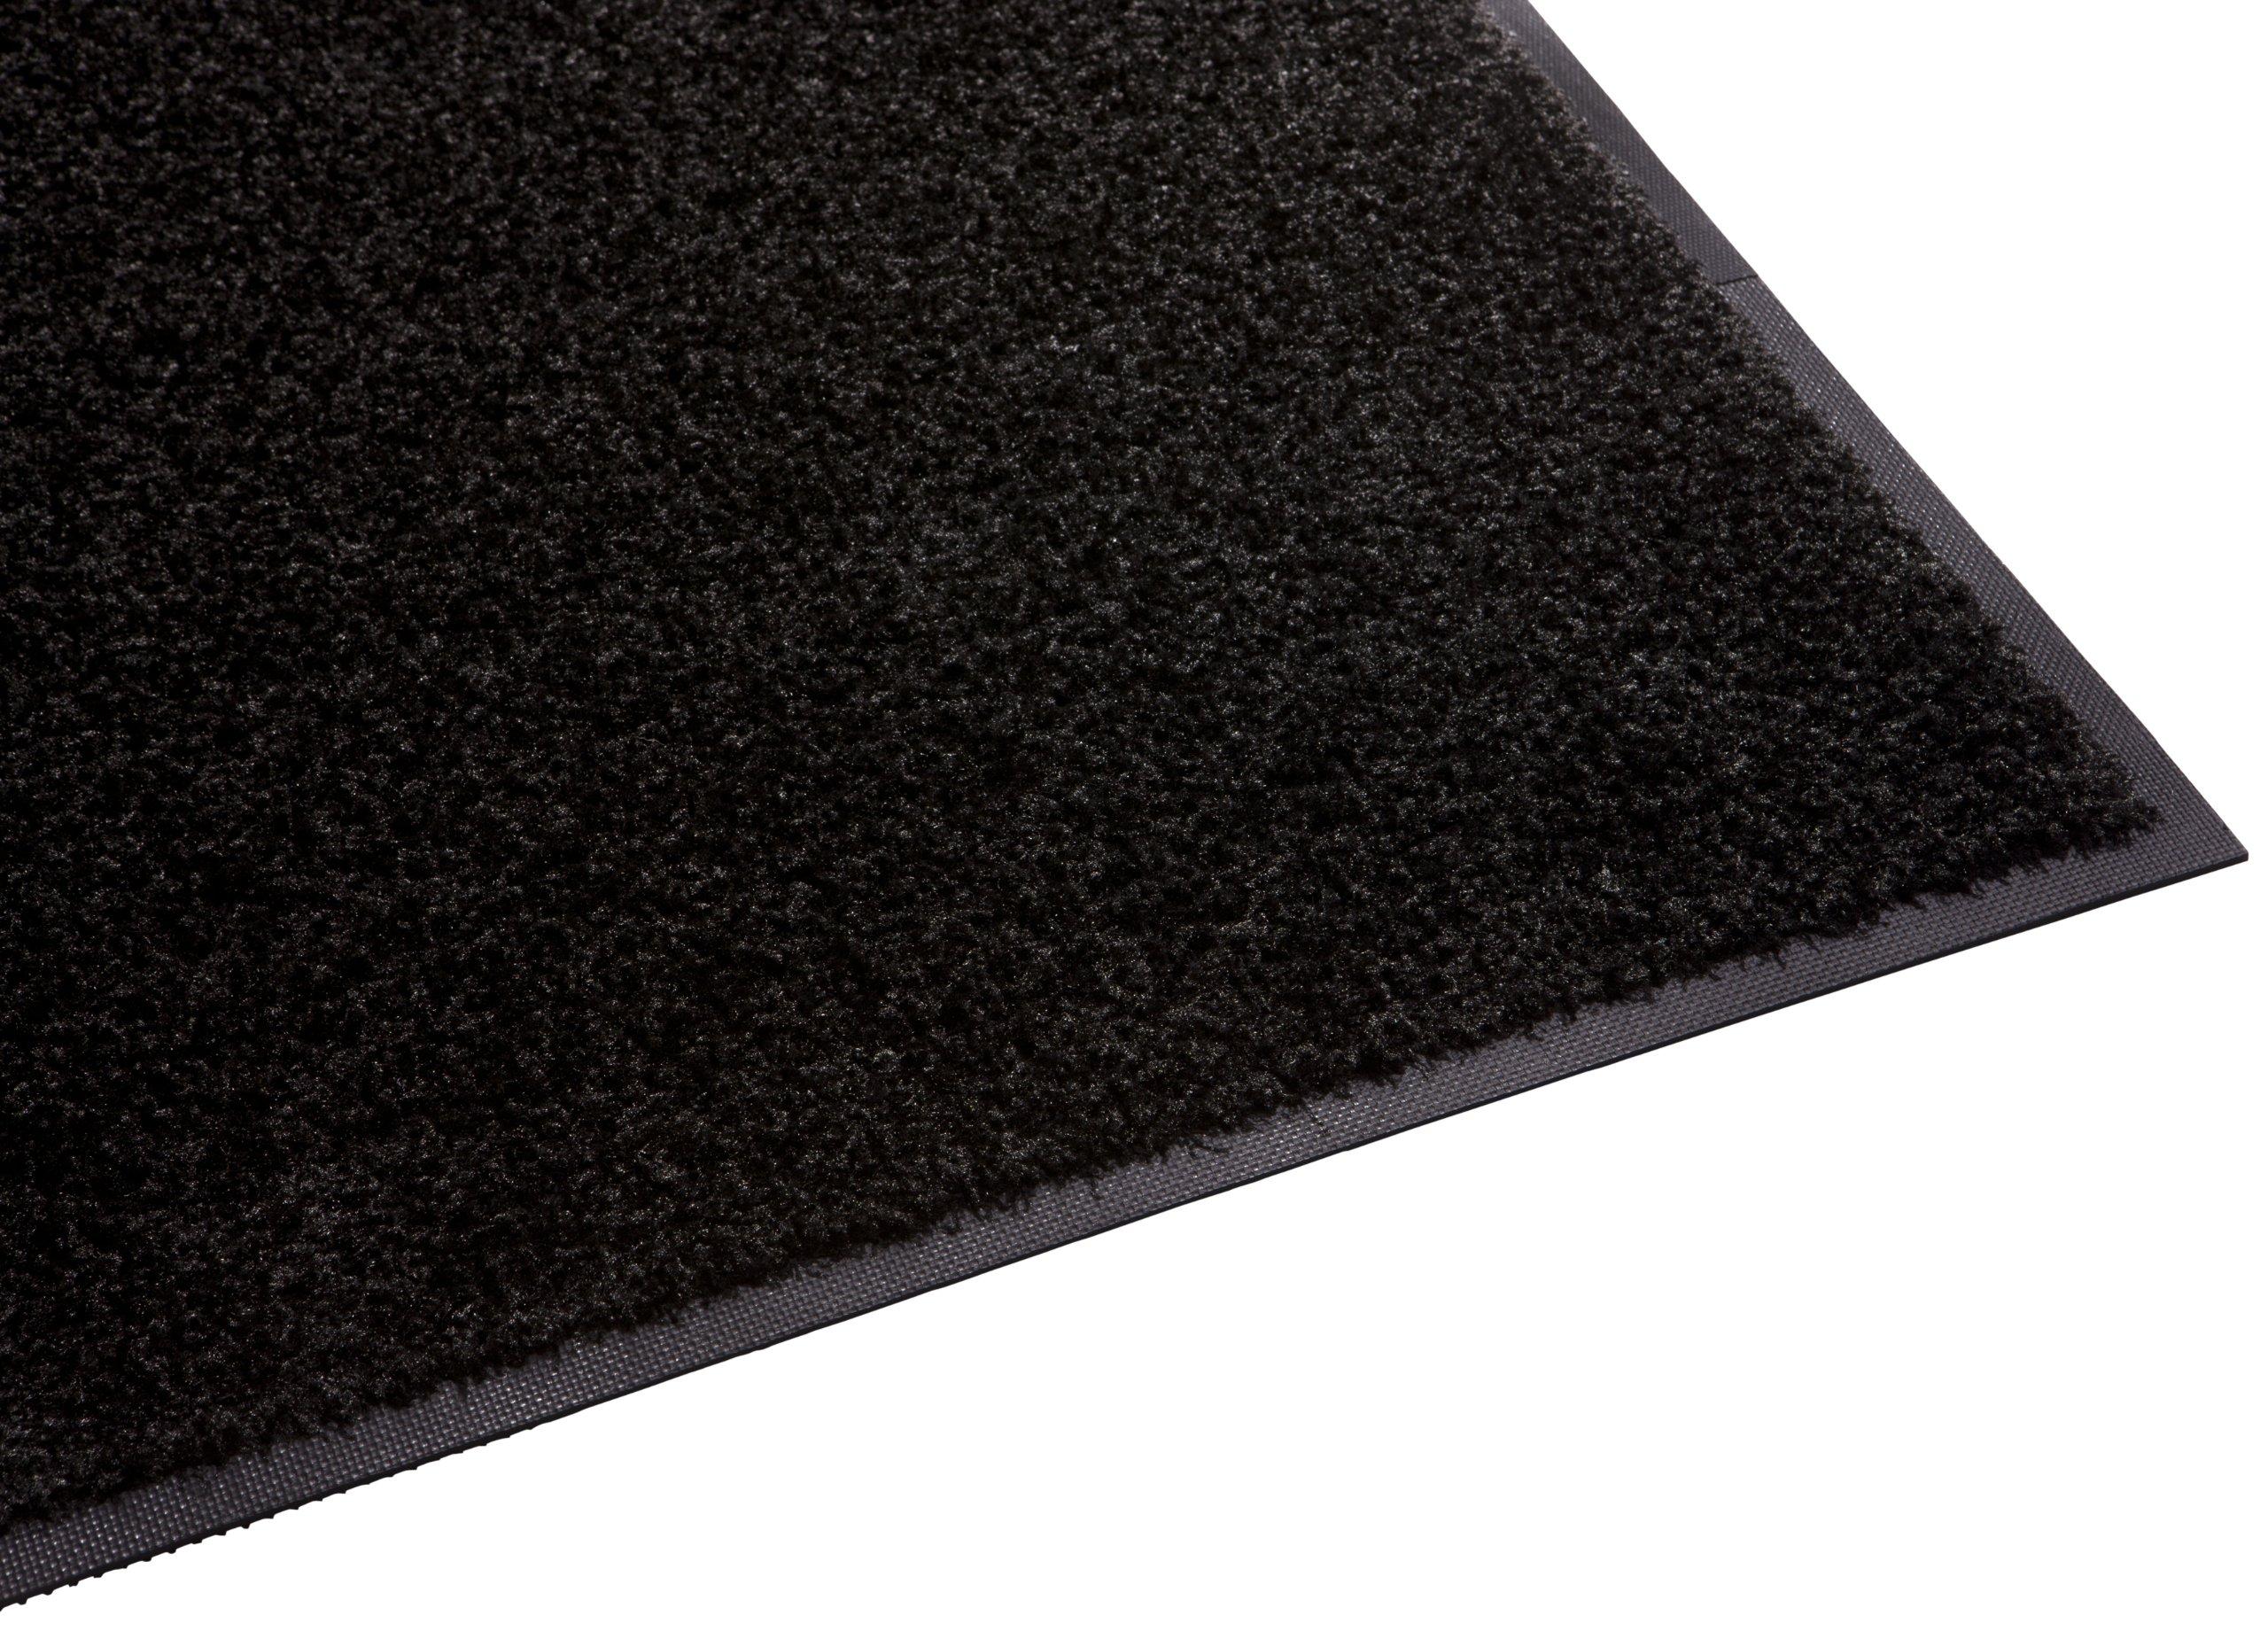 Guardian Platinum Series Indoor Wiper Floor Mat, Rubber with Nylon Carpet, 2'x8', Black